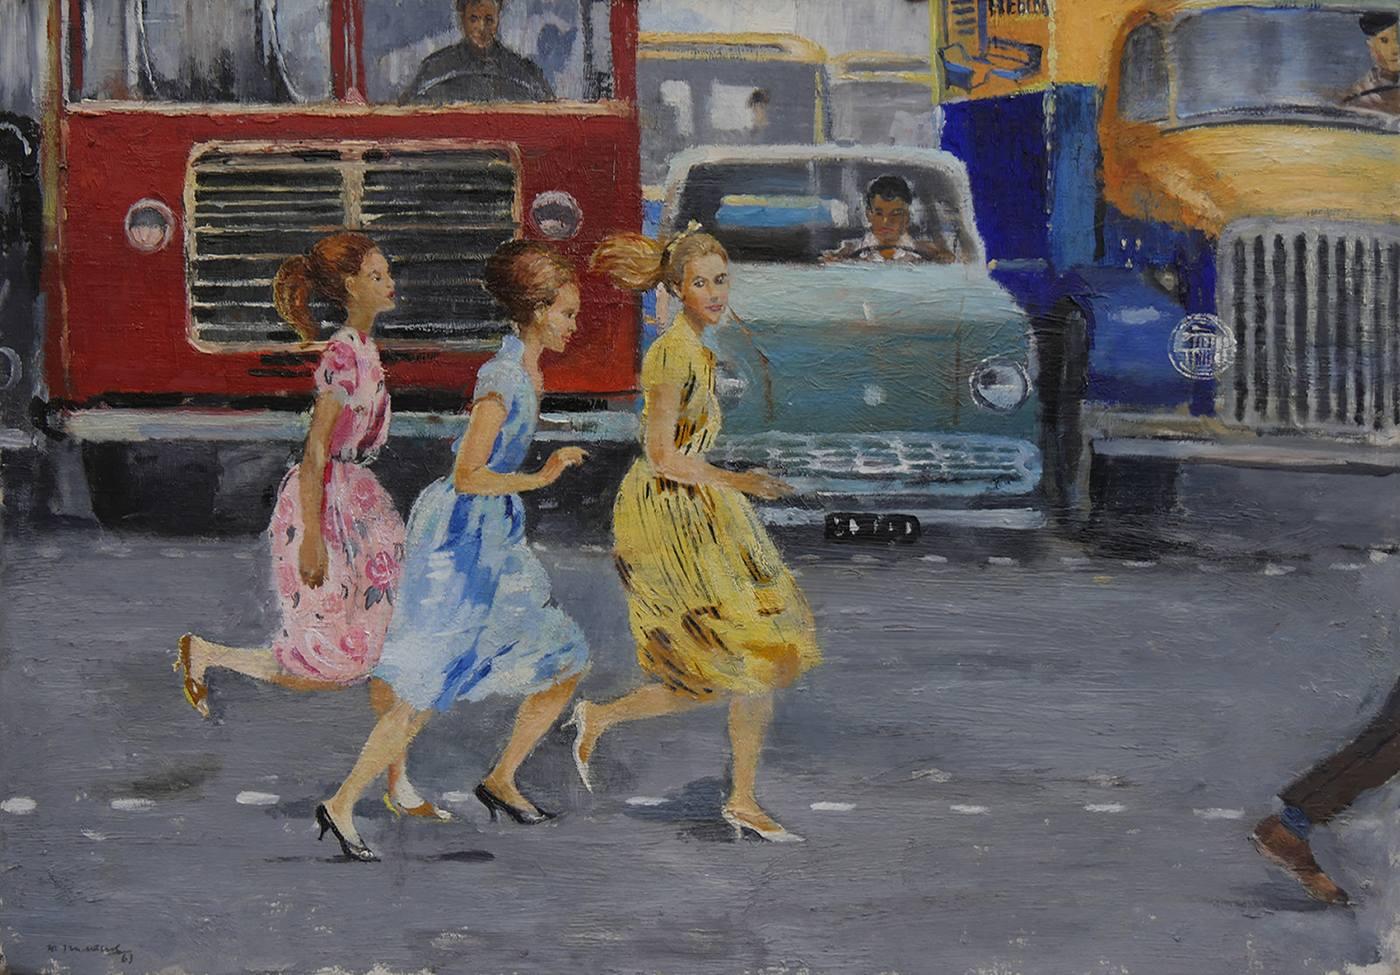 Ю.И. Пименов - Бегом через улицу, 1963